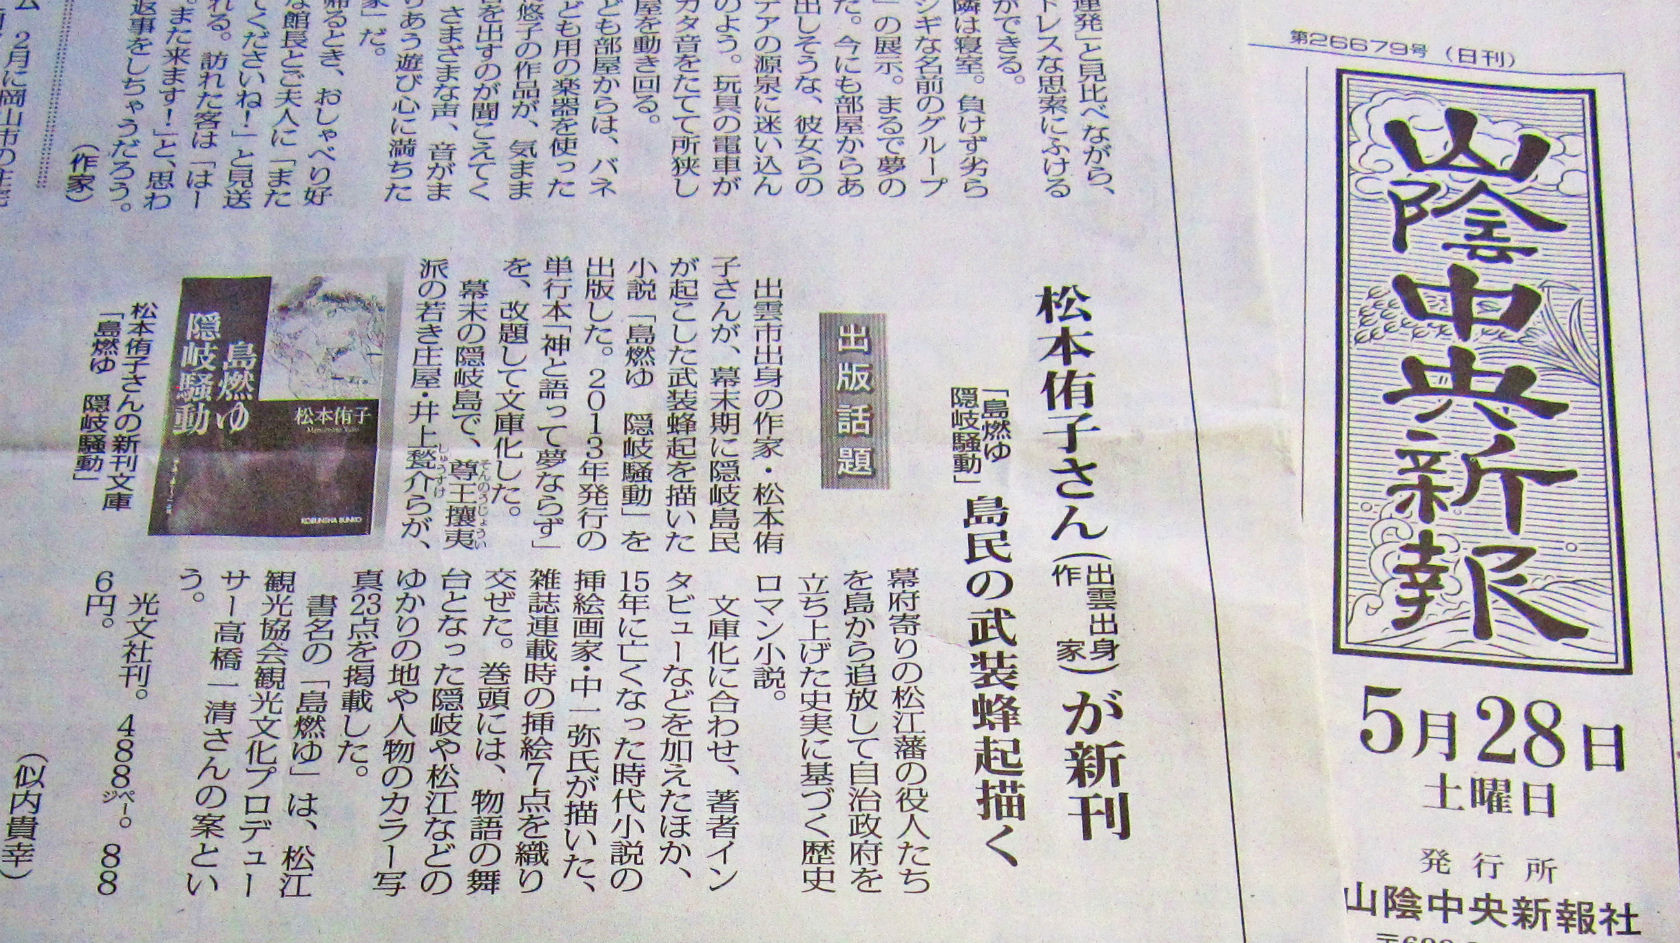 da962bb90958a ○「東京新聞」夕刊 2016年5月24日 「中日新聞」のサイトに写真掲載